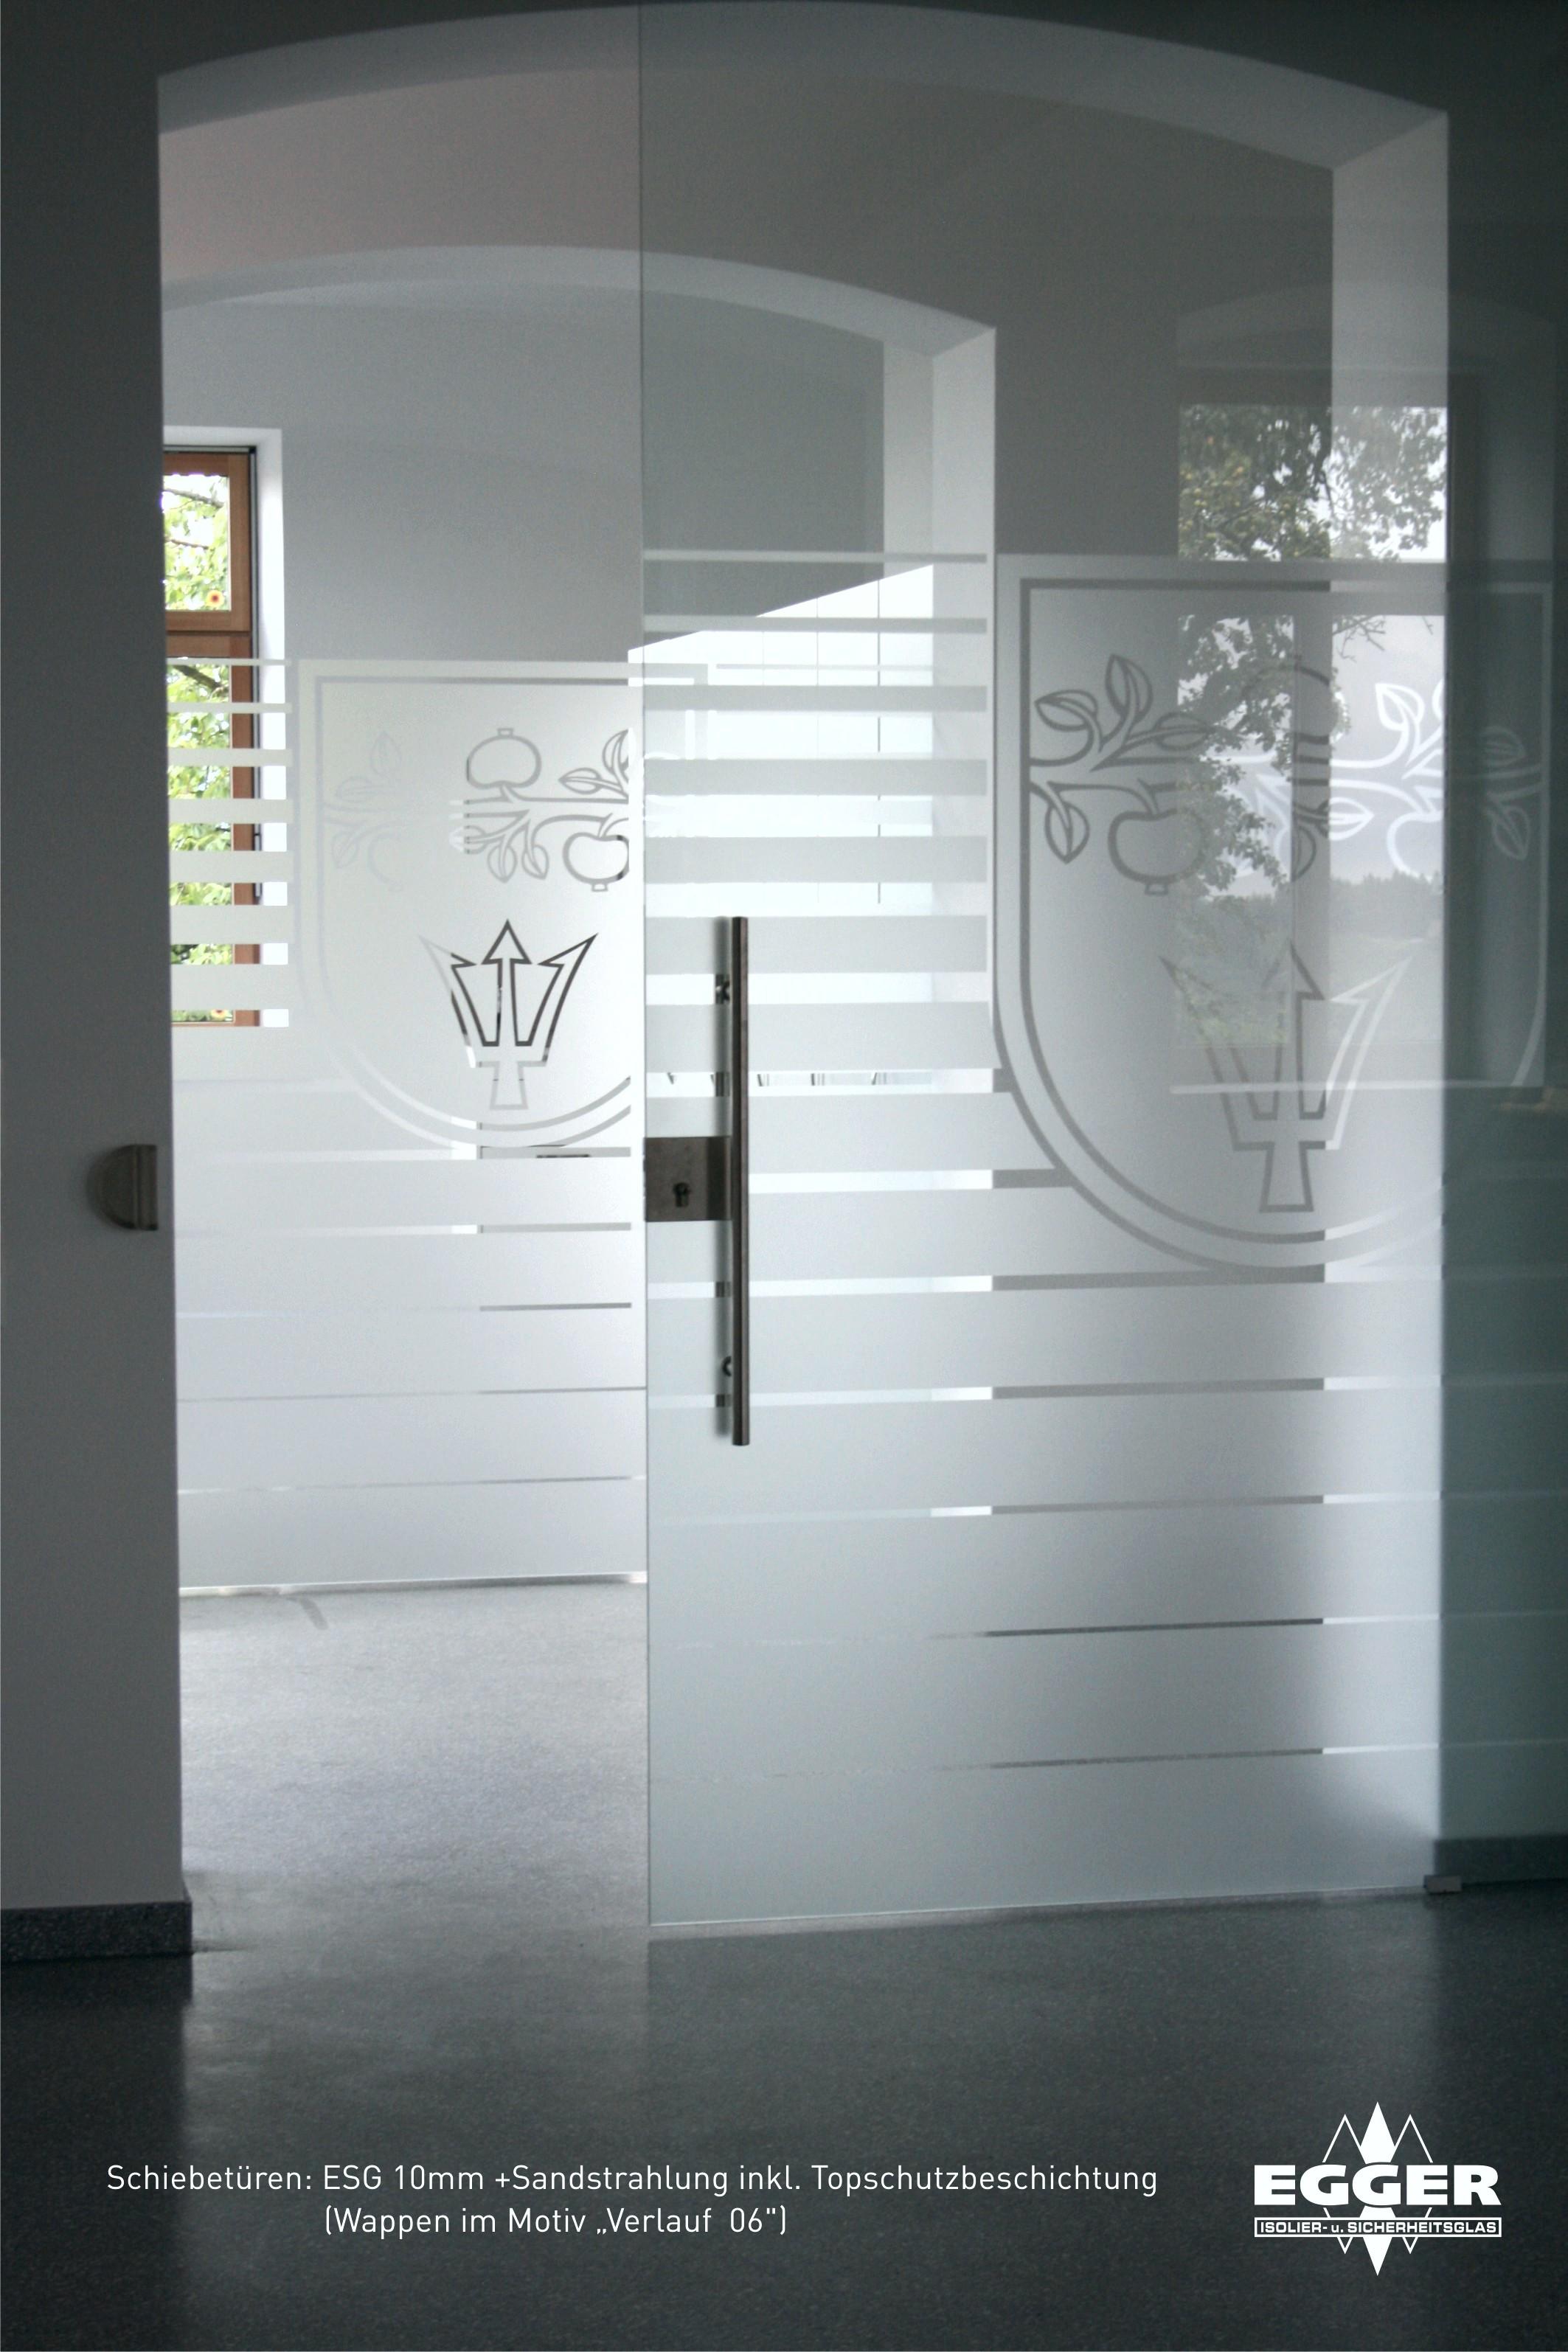 nurglaselemente egger glas. Black Bedroom Furniture Sets. Home Design Ideas